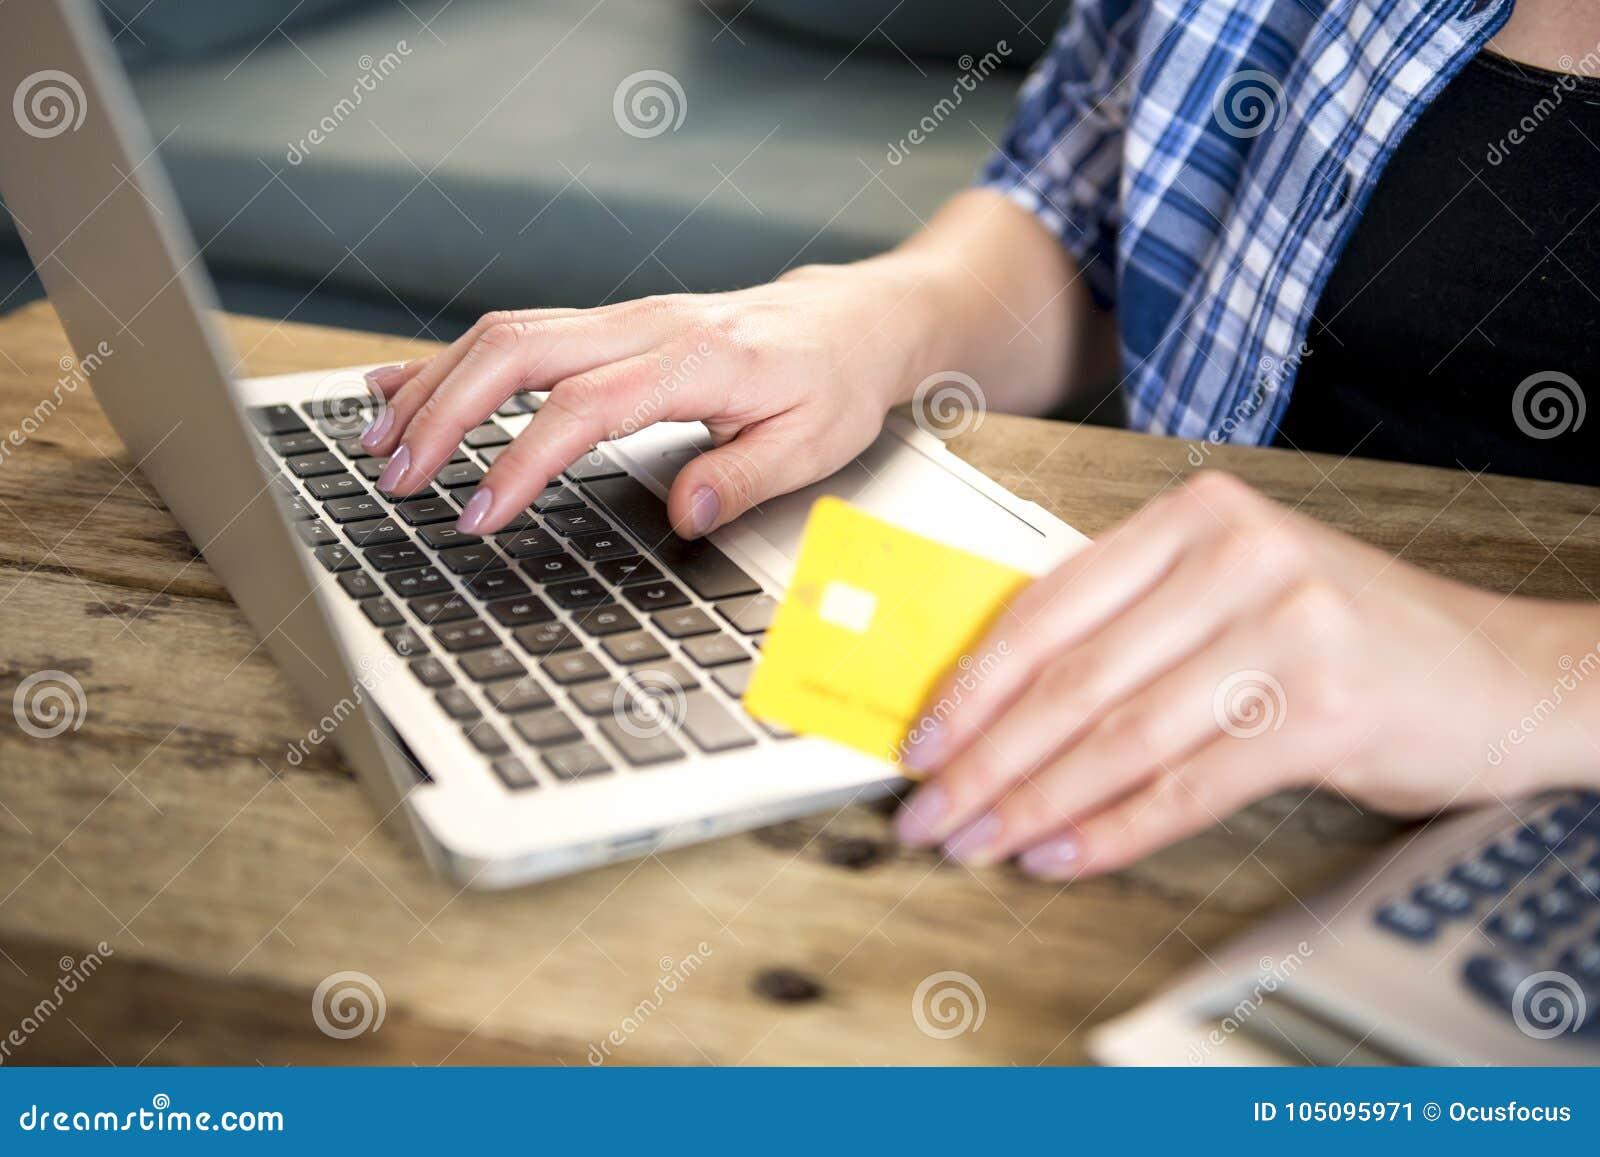 Κλείστε επάνω το χέρι των αγορών πιστωτικών καρτών εκμετάλλευσης γυναικών σε απευθείας σύνδεση ή της κατάθεσης στο διαδίκτυο με τ